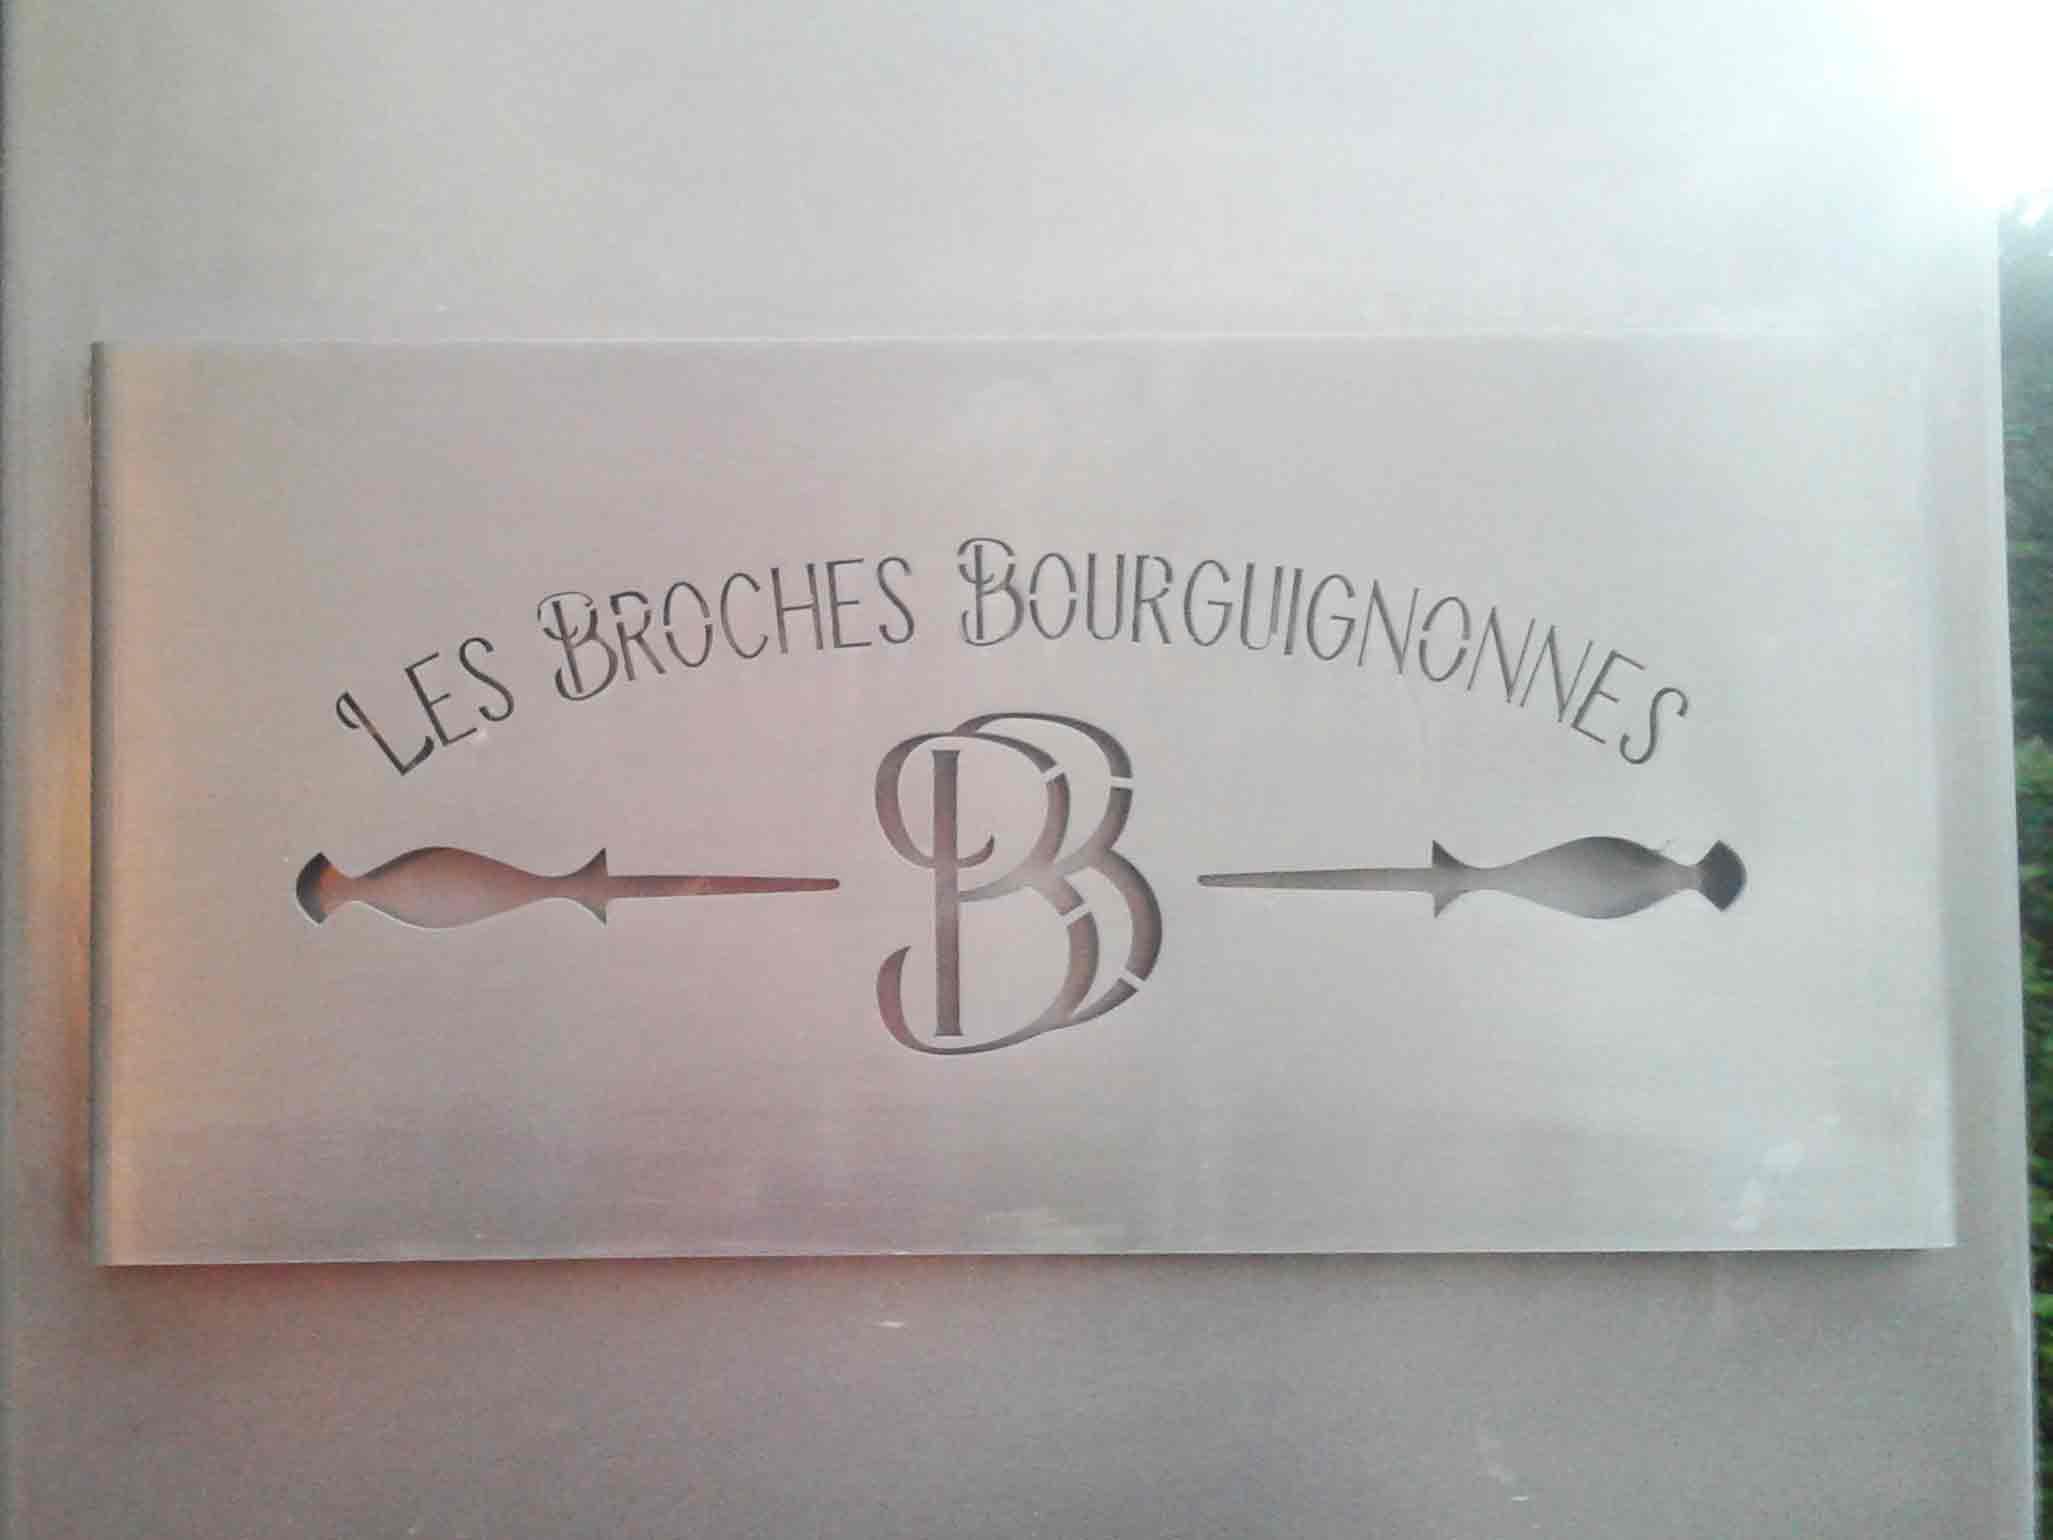 rendu final sur létal logo les broches bourguignonnes